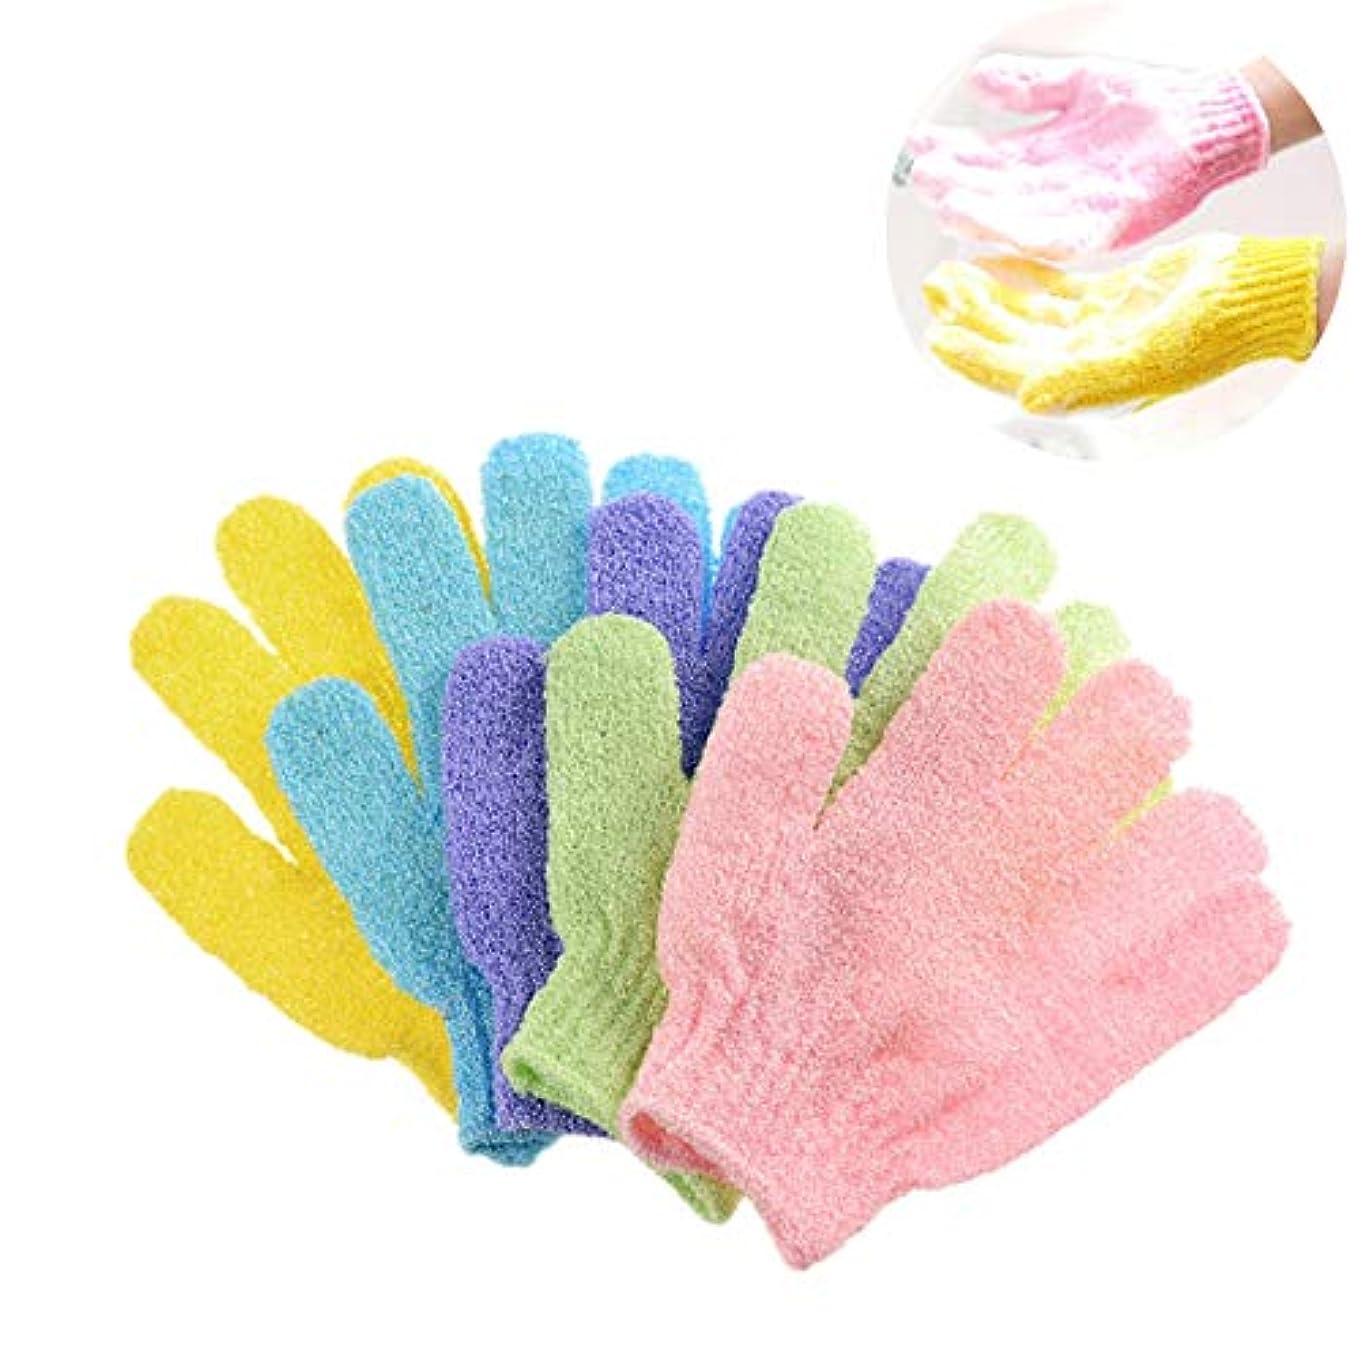 省既に申請中Kingsie 浴用手袋 10枚セット(5ペア) ボディウォッシュ手袋 お風呂手袋 角質除去 角質取り 泡立ち 垢すり グローブ